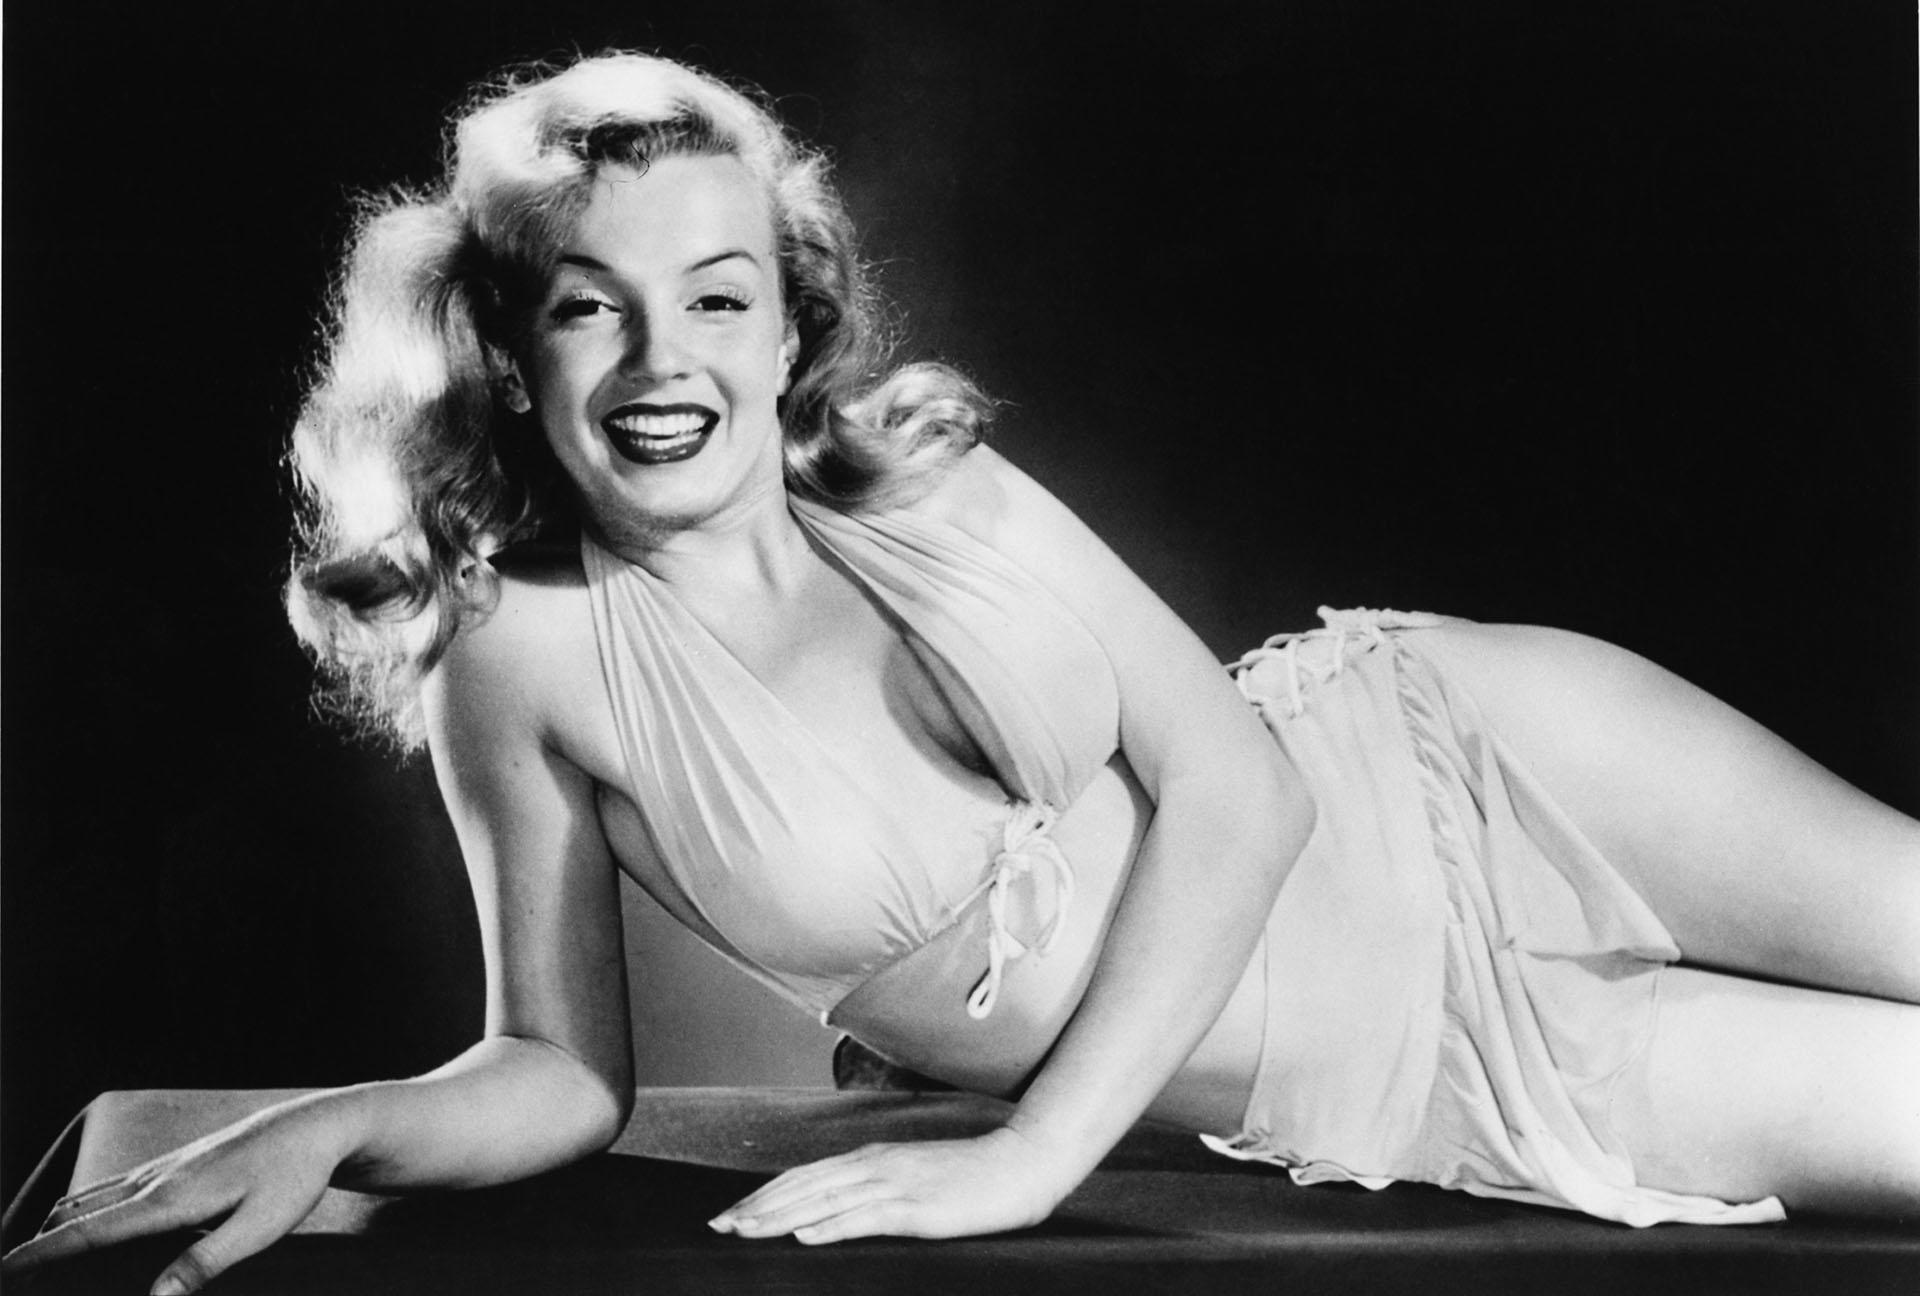 Marilyn Monroe nació bajo el nombre de Norma Jeane Mortenson y al cumplir 21 lo cambió, convirtiéndose en un ícono ( L. J. Willinger/Keystone Features/Hulton Archive/Getty Images)